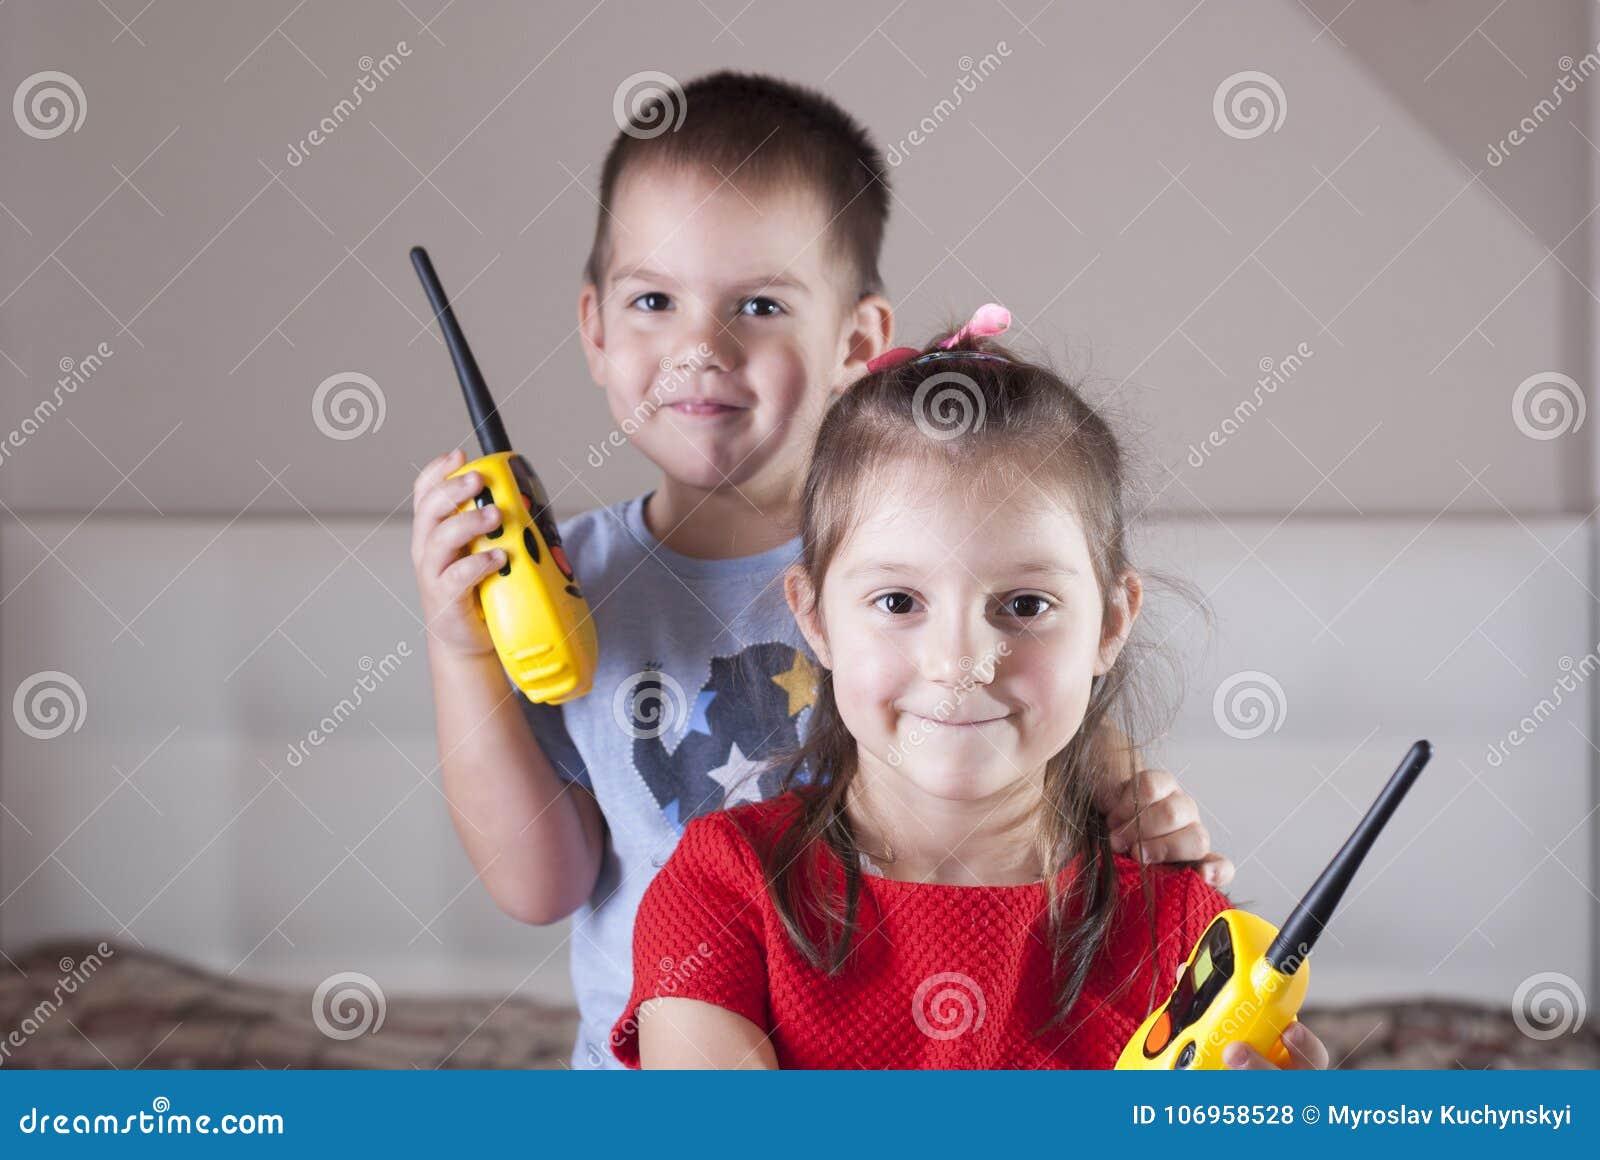 Gioco di bambini con il walkie-talkie